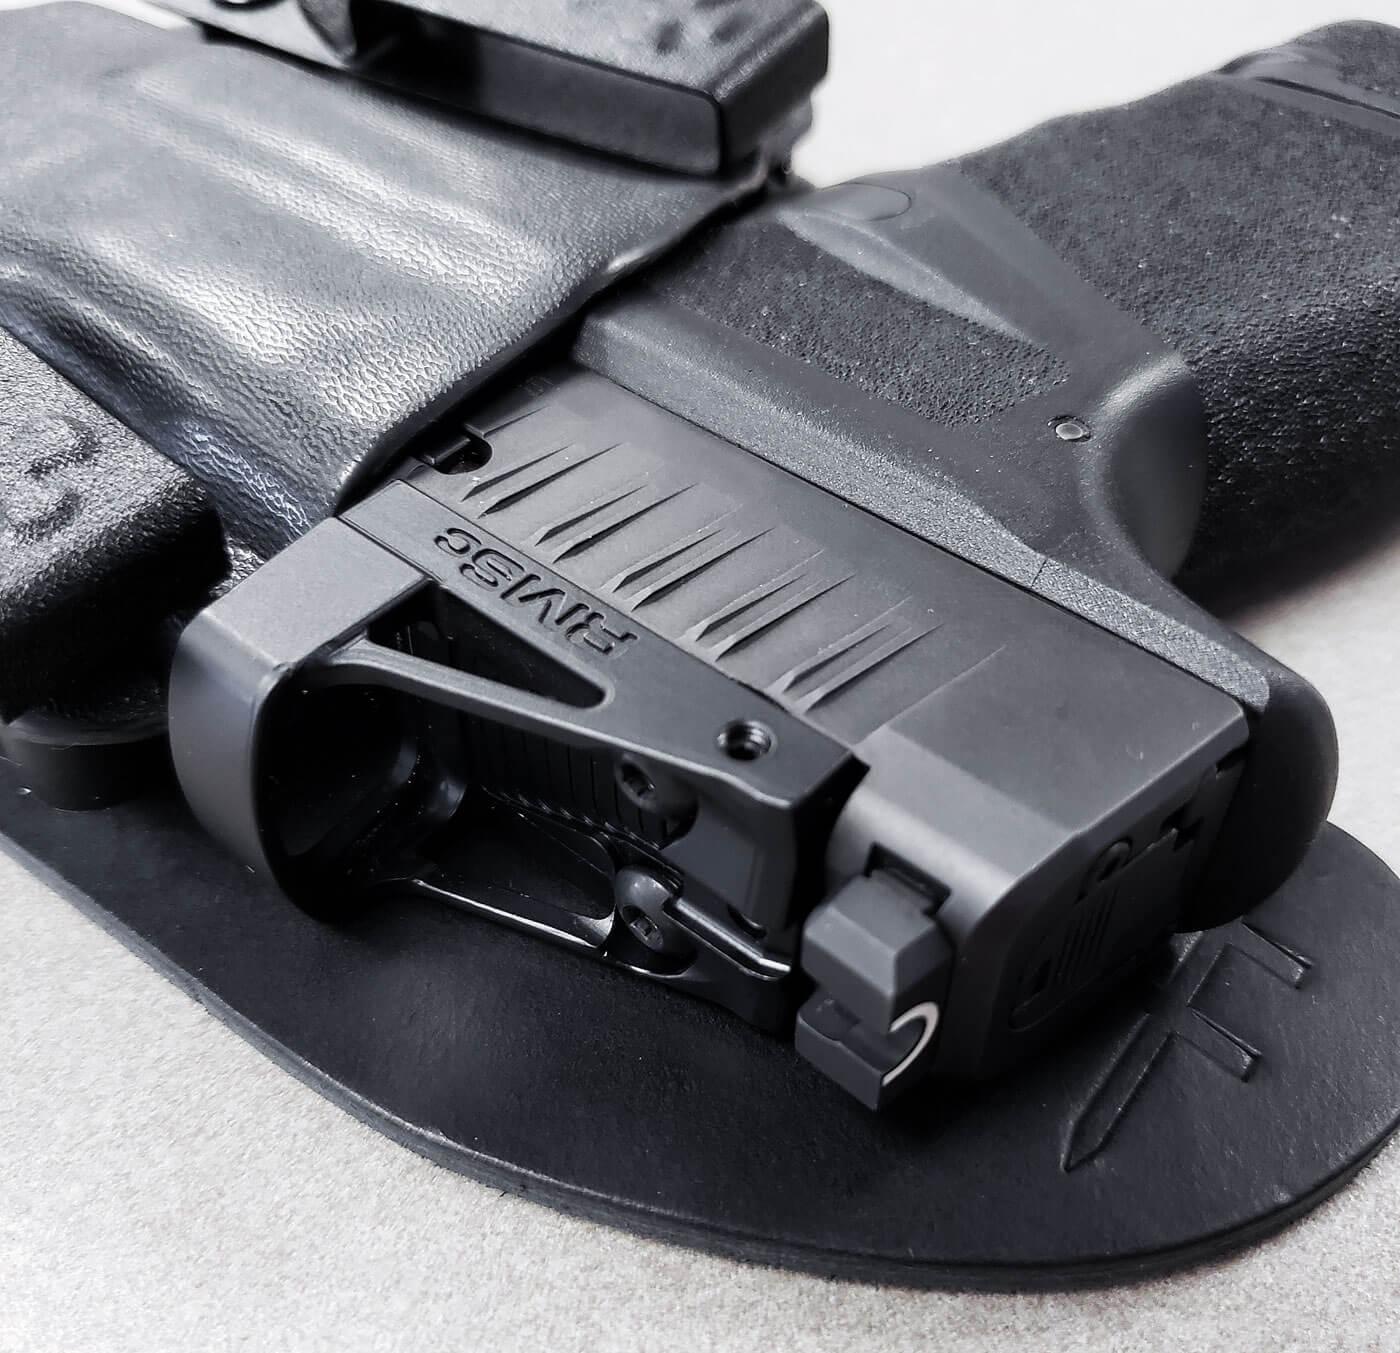 Hellcat pistol in a CrossBreed Reckoning holster